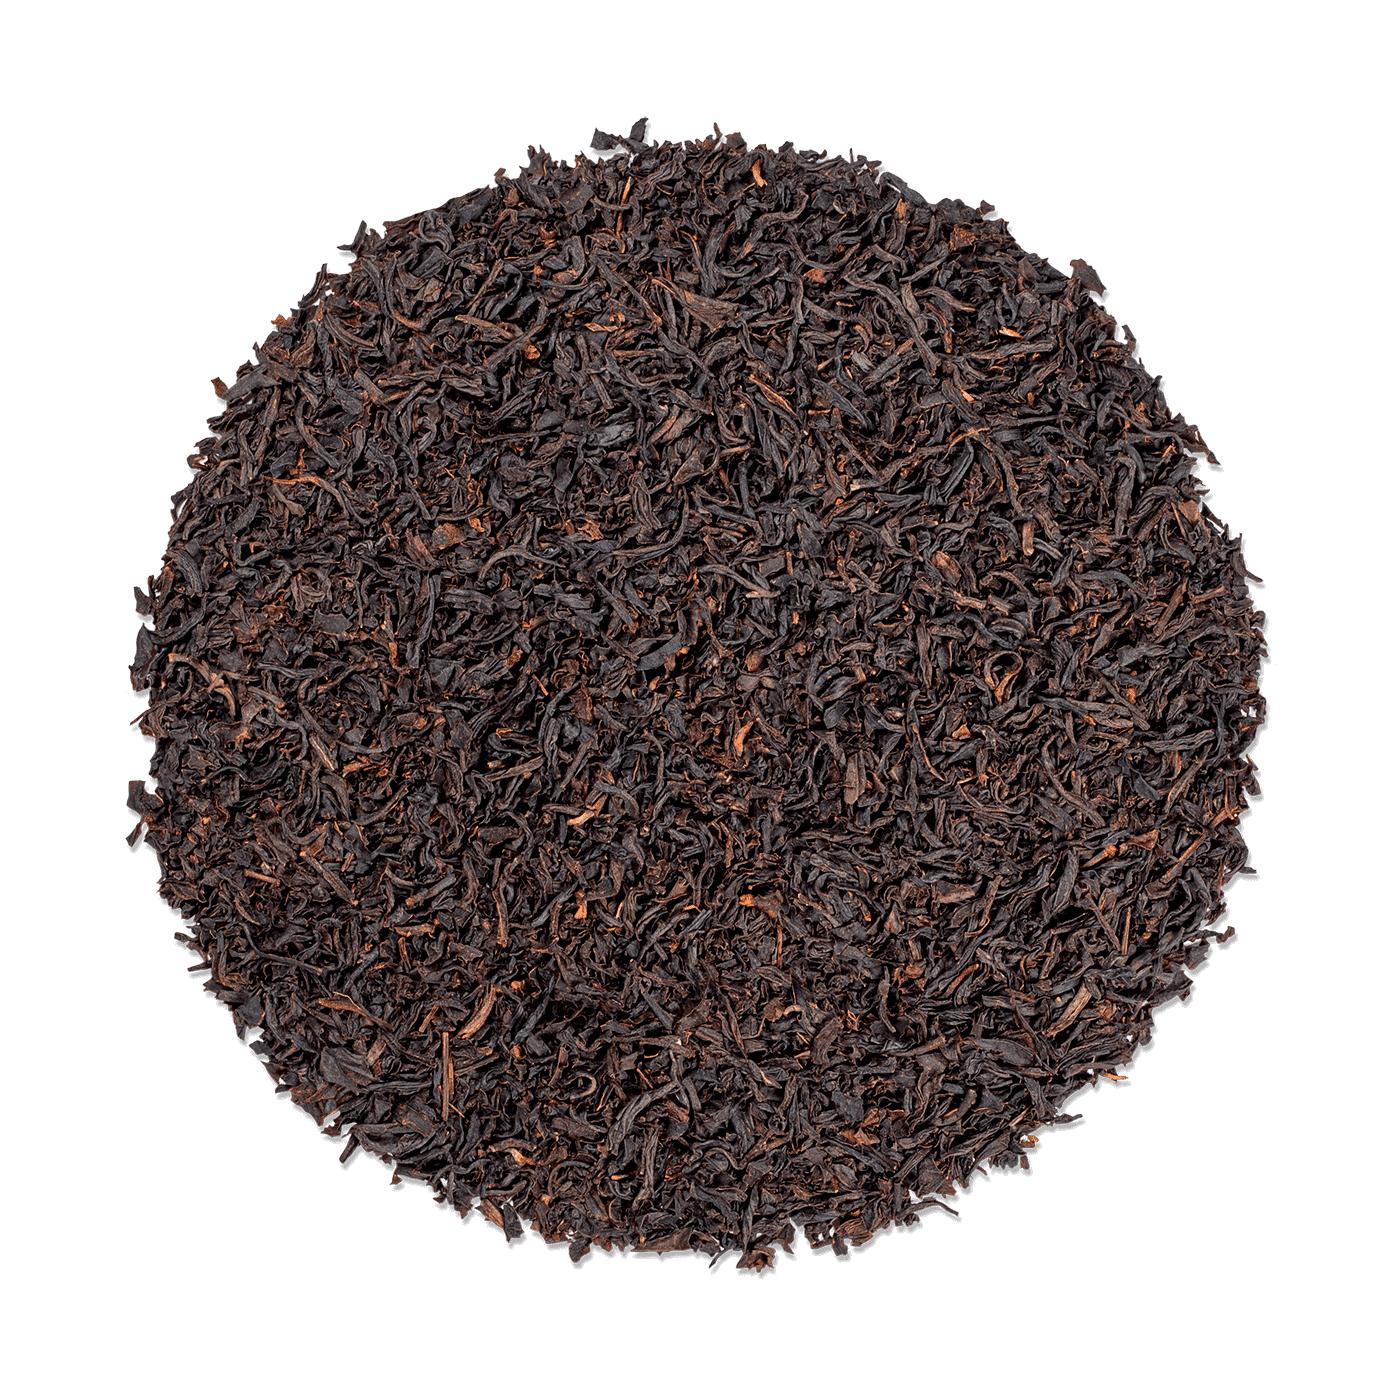 KUSMI TEA Troïka bio - Thé noir, earl grey aux agrumes - Thé en vrac - Kusmi Tea